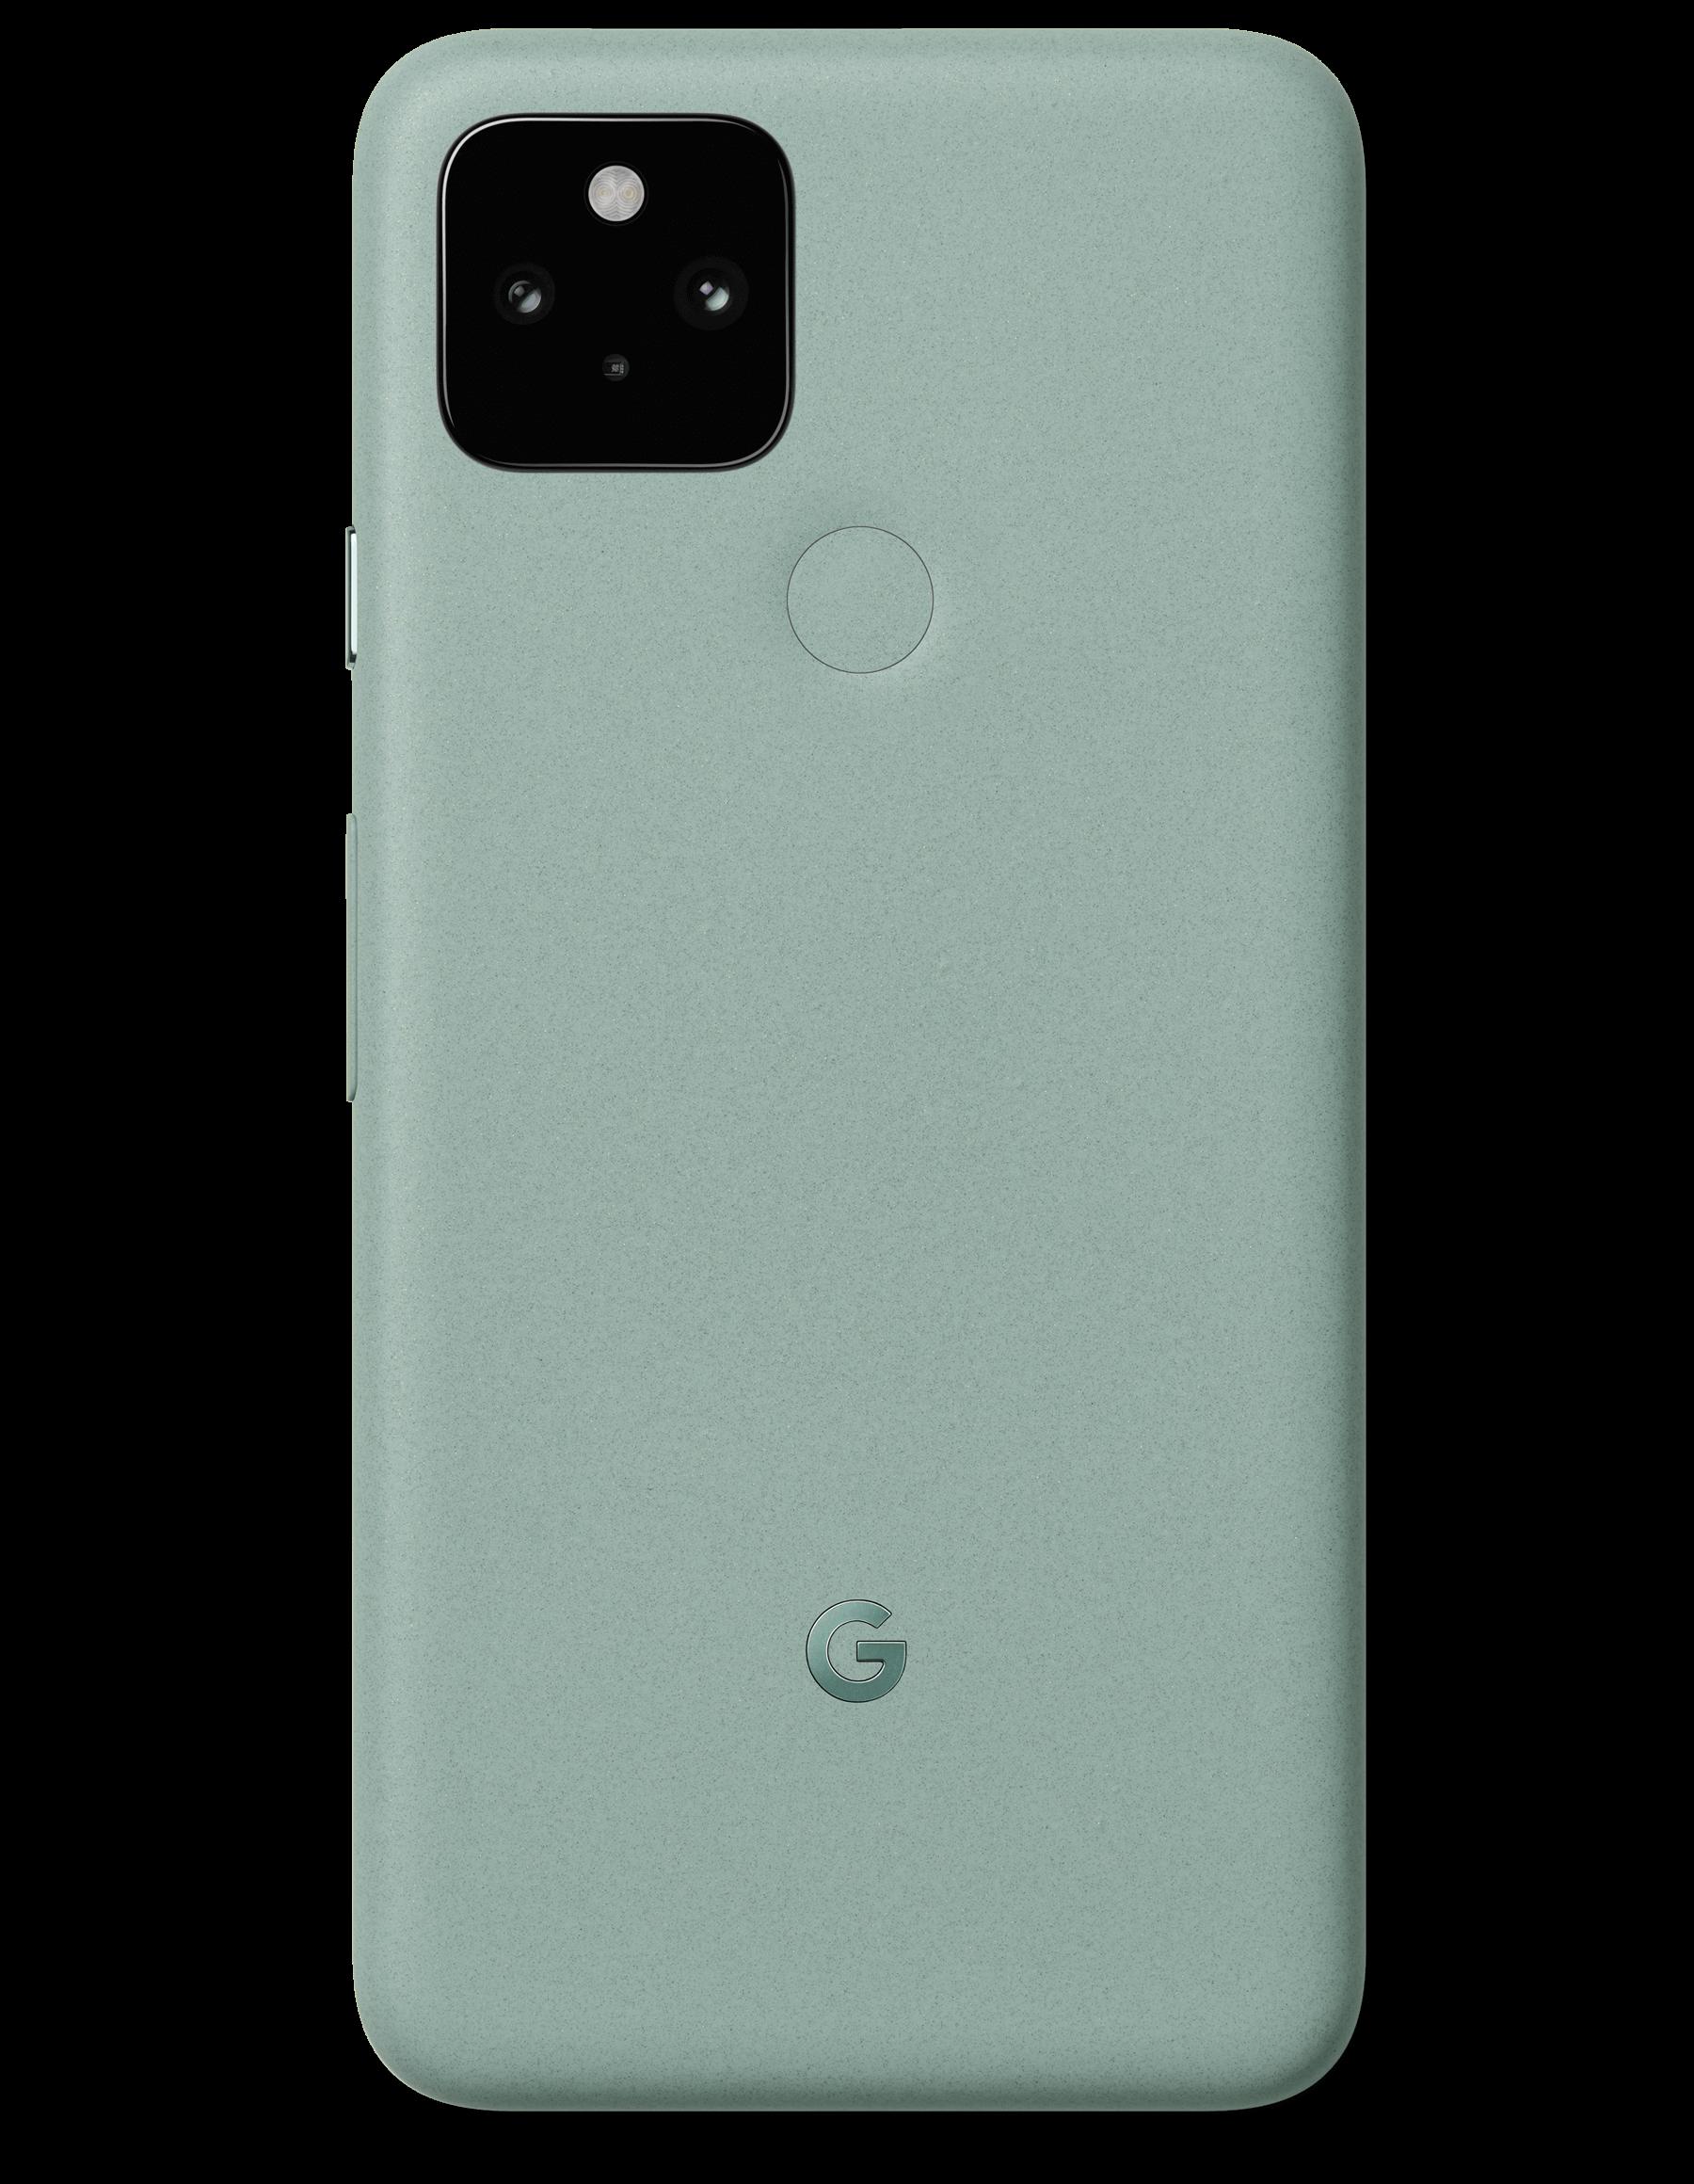 6pixel 5 leak